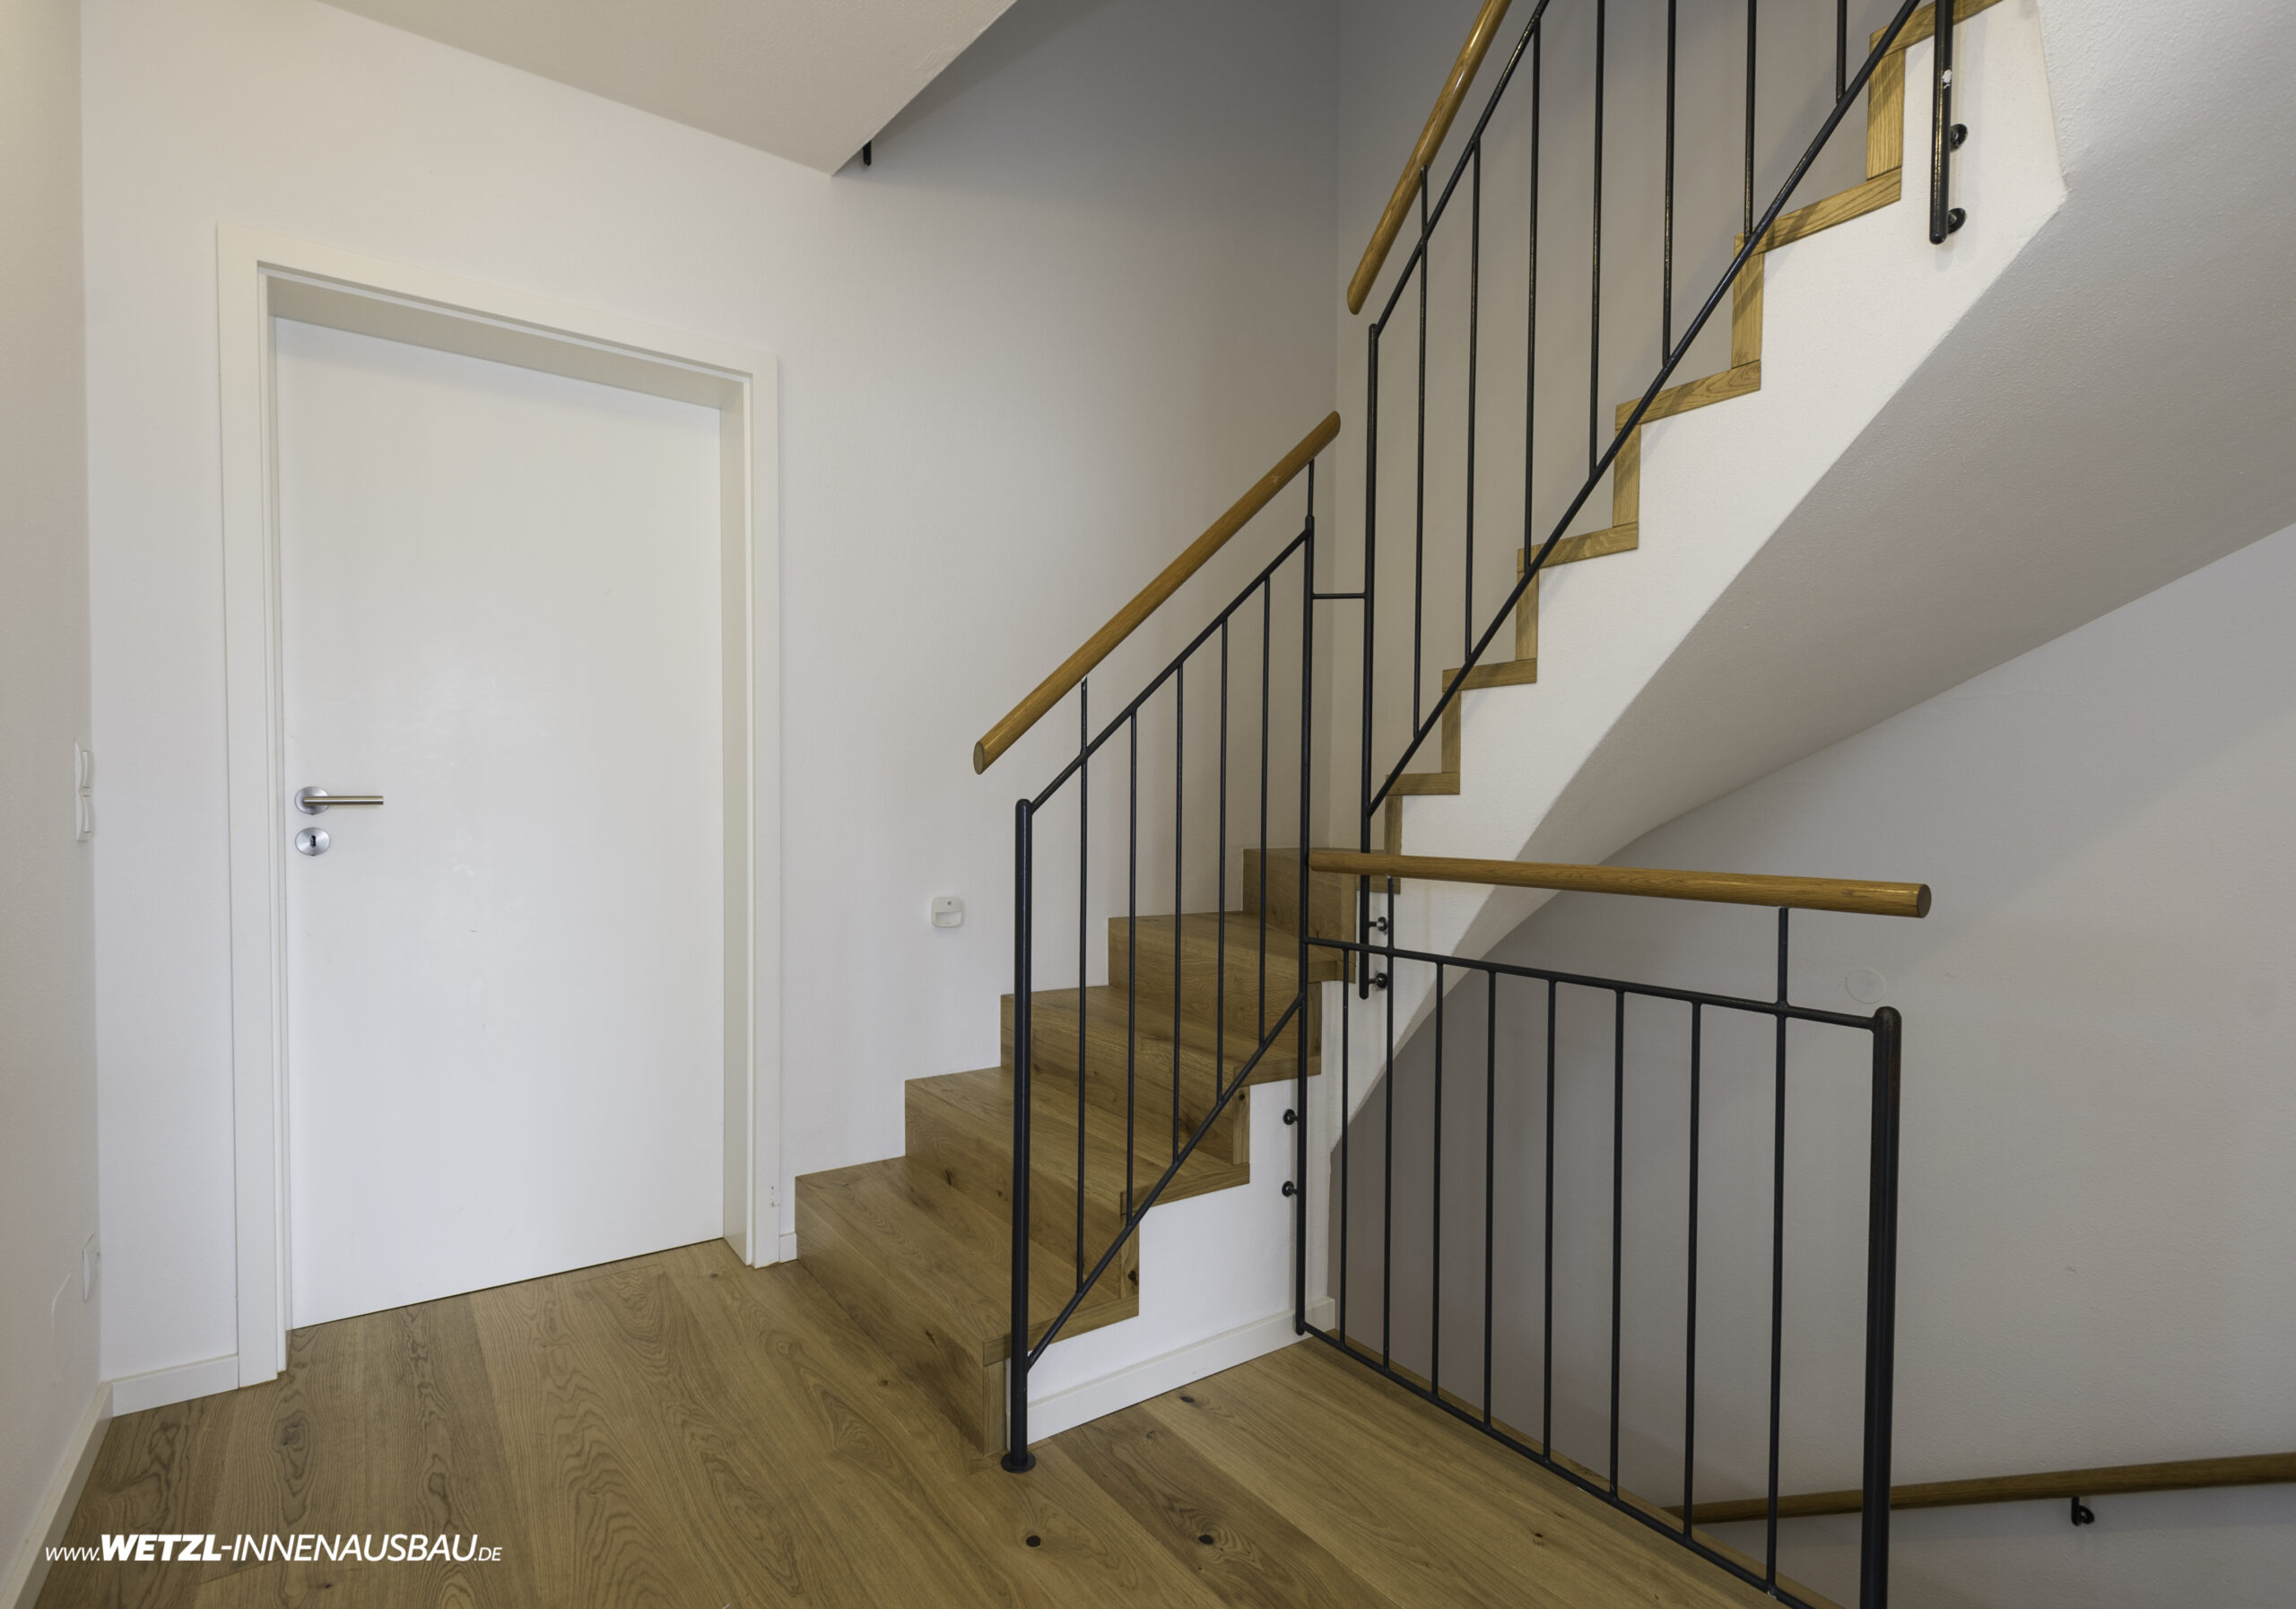 https://wetzl-innenausbau.de/wp-content/uploads/2020/07/wetzl-innenausbau-muenchen-treppenhaus-erneuert-3-scaled.jpg